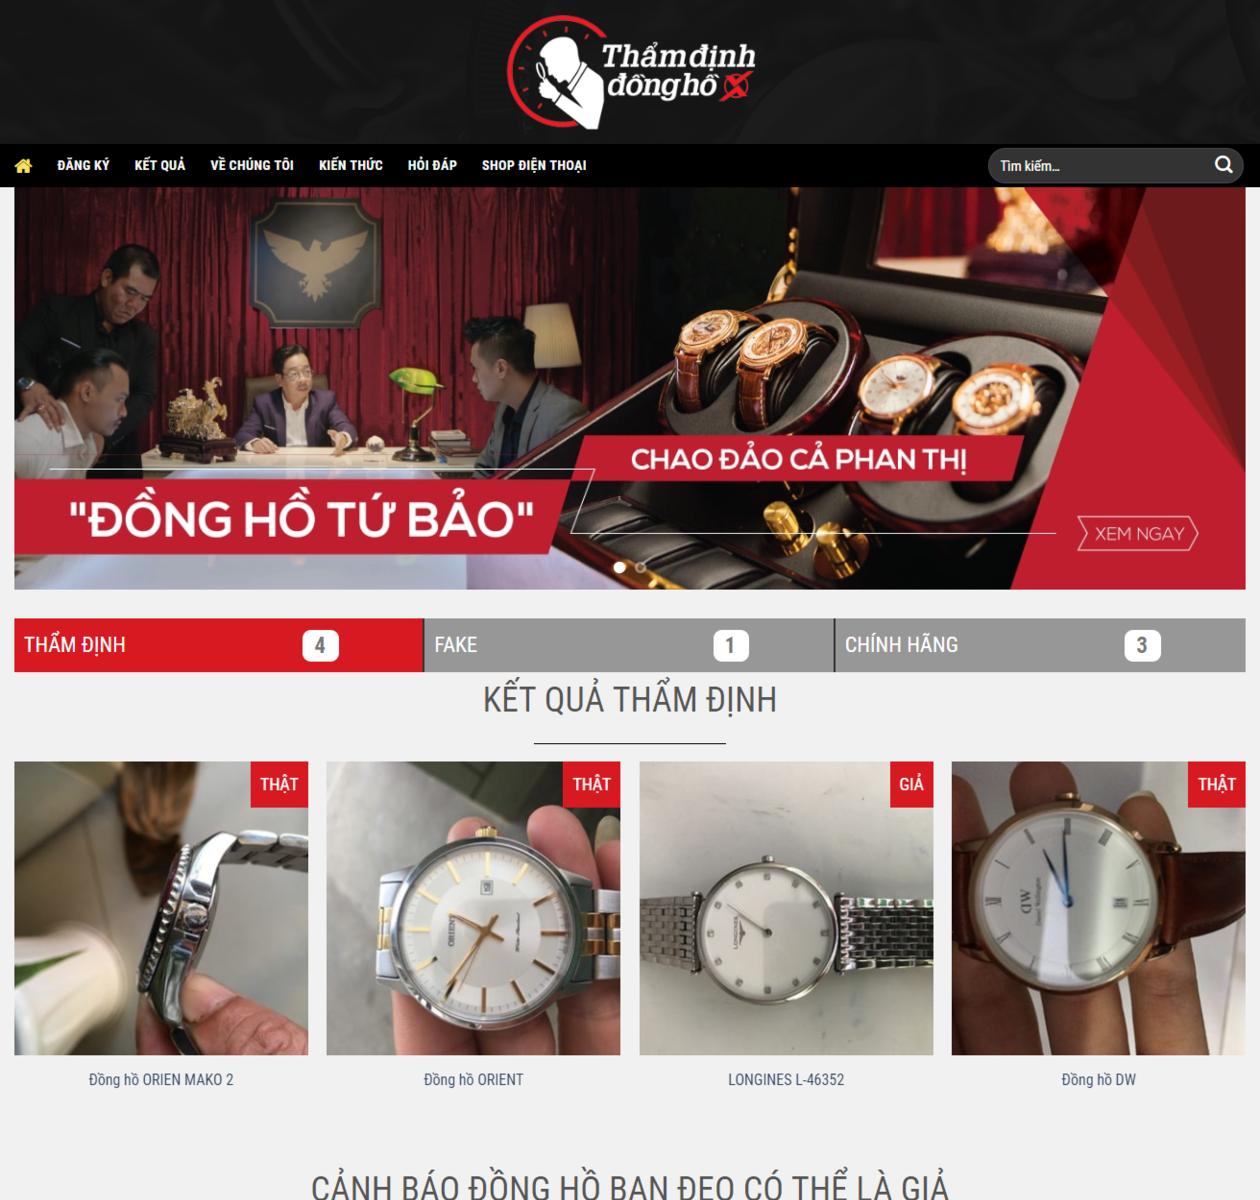 Thiết kế web thẩm định đồng hồ thumbnail